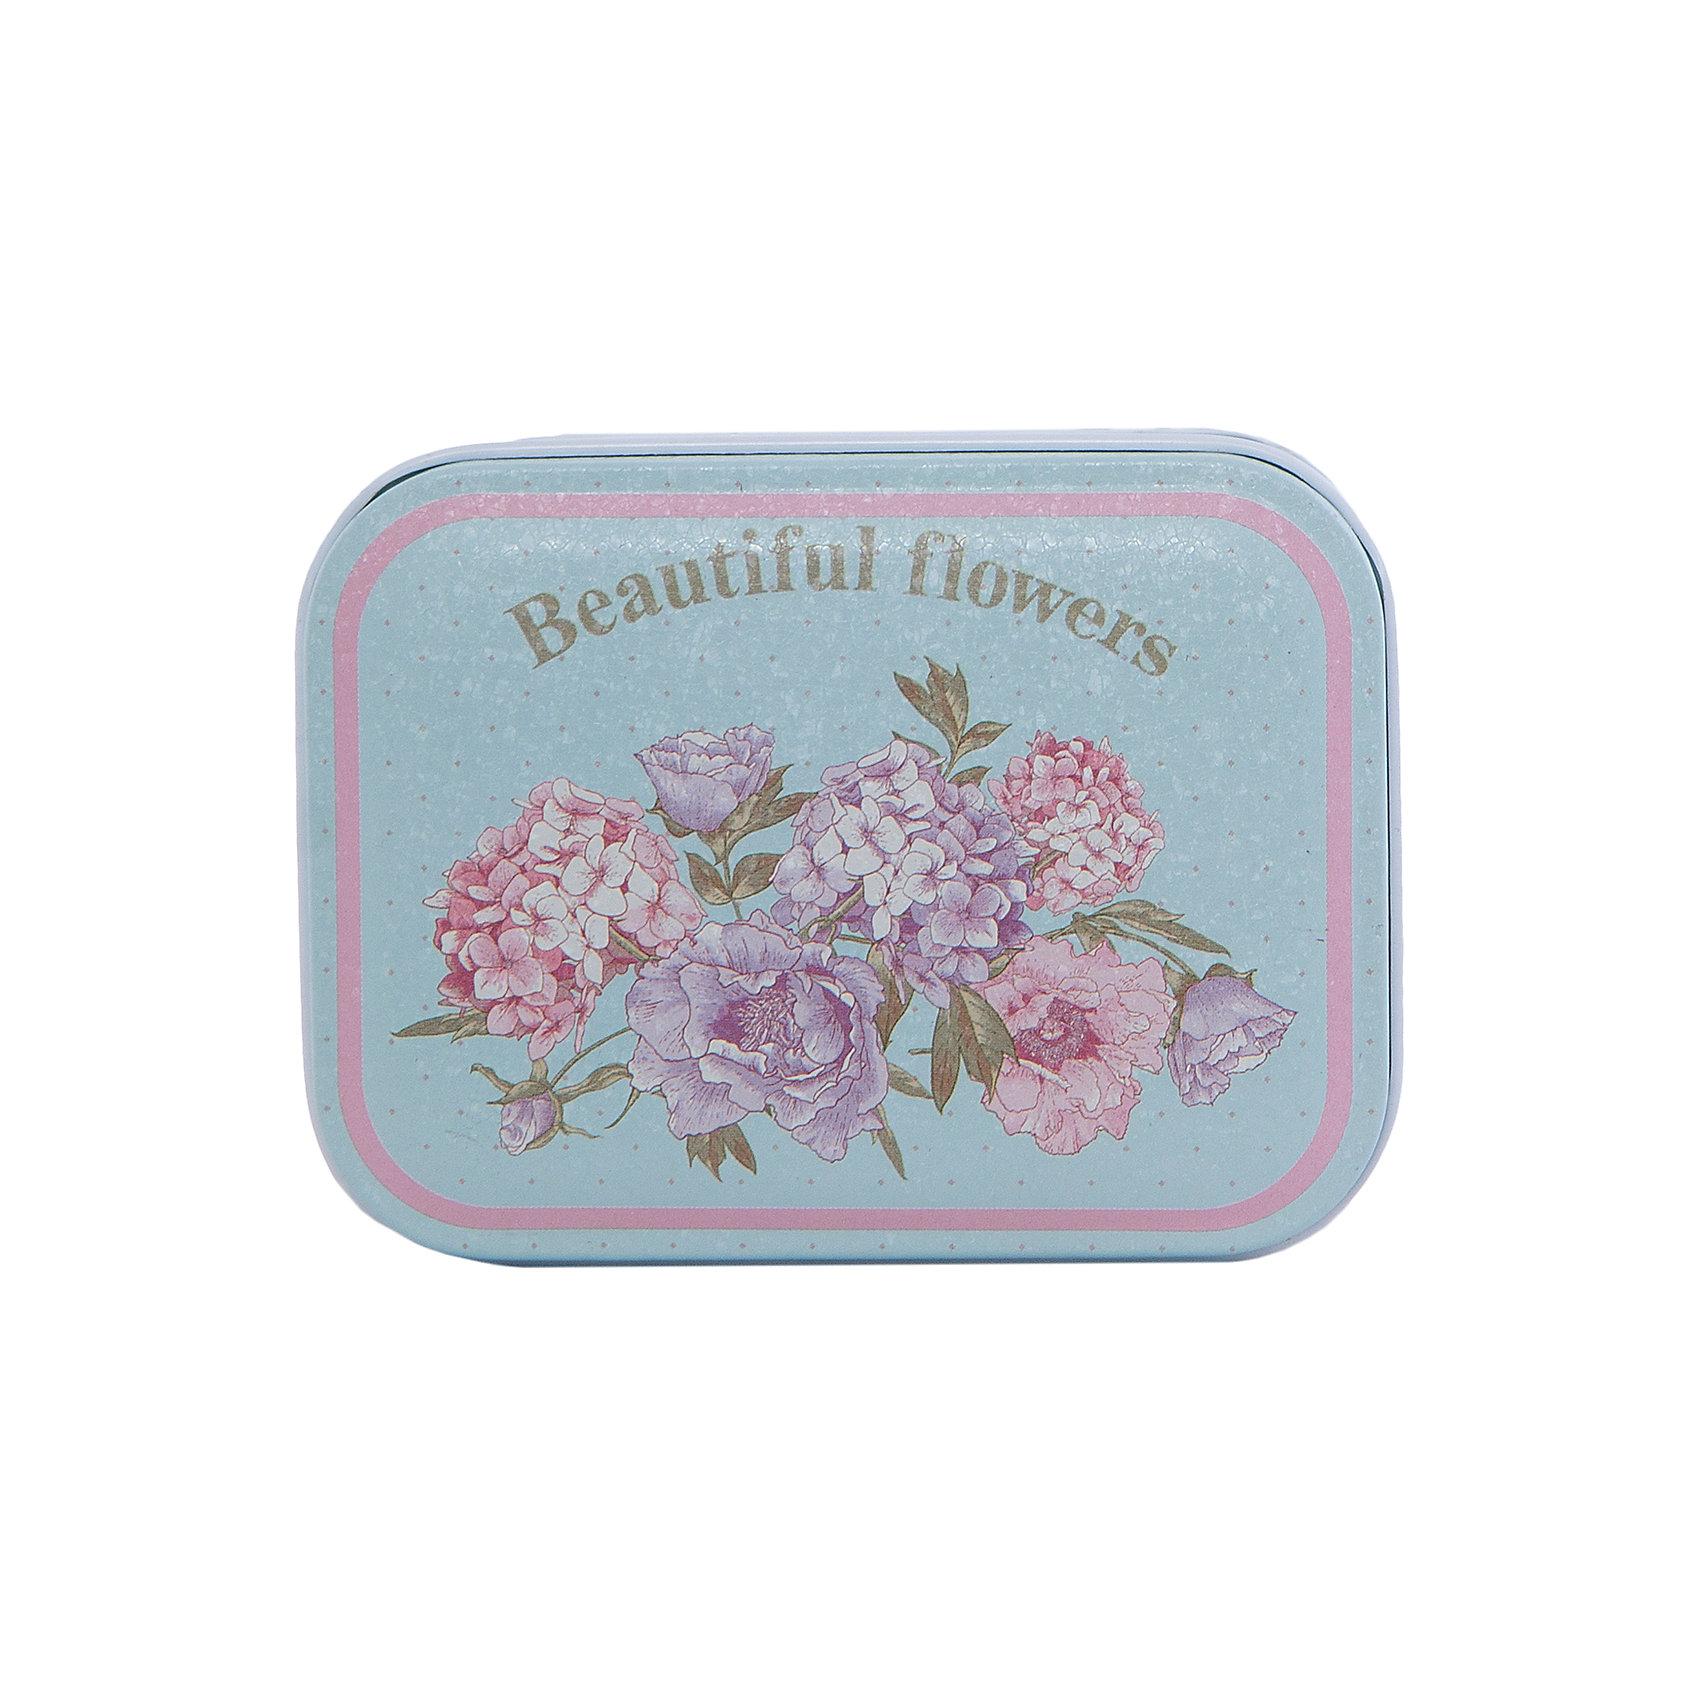 Коробка для безделушек и мелочей Красивые цветы  10.5*8*6, Феникс-ПрезентПредметы интерьера<br>Коробка для безделушек и мелочей Красивые цветы 10,5х8х6, Феникс-Презент.<br><br>Характеристика:<br><br>• Материал: металл.<br>• Размер: 10,5х8х6 см. <br>• Оригинальный привлекательный дизайн. <br><br>Оригинальная коробка - шкатулка для мелочей станет отличным памятным сувениром или же упаковкой для основного подарка. Шкатулка выполнена из металла, декорирована нежным рисунком. <br><br>Коробку для безделушек и мелочей Красивые цветы 10,5х8х6, Феникс-Презент, можно купить в нашем магазине.<br><br>Ширина мм: 105<br>Глубина мм: 80<br>Высота мм: 60<br>Вес г: 89<br>Возраст от месяцев: 12<br>Возраст до месяцев: 1188<br>Пол: Унисекс<br>Возраст: Детский<br>SKU: 5168417